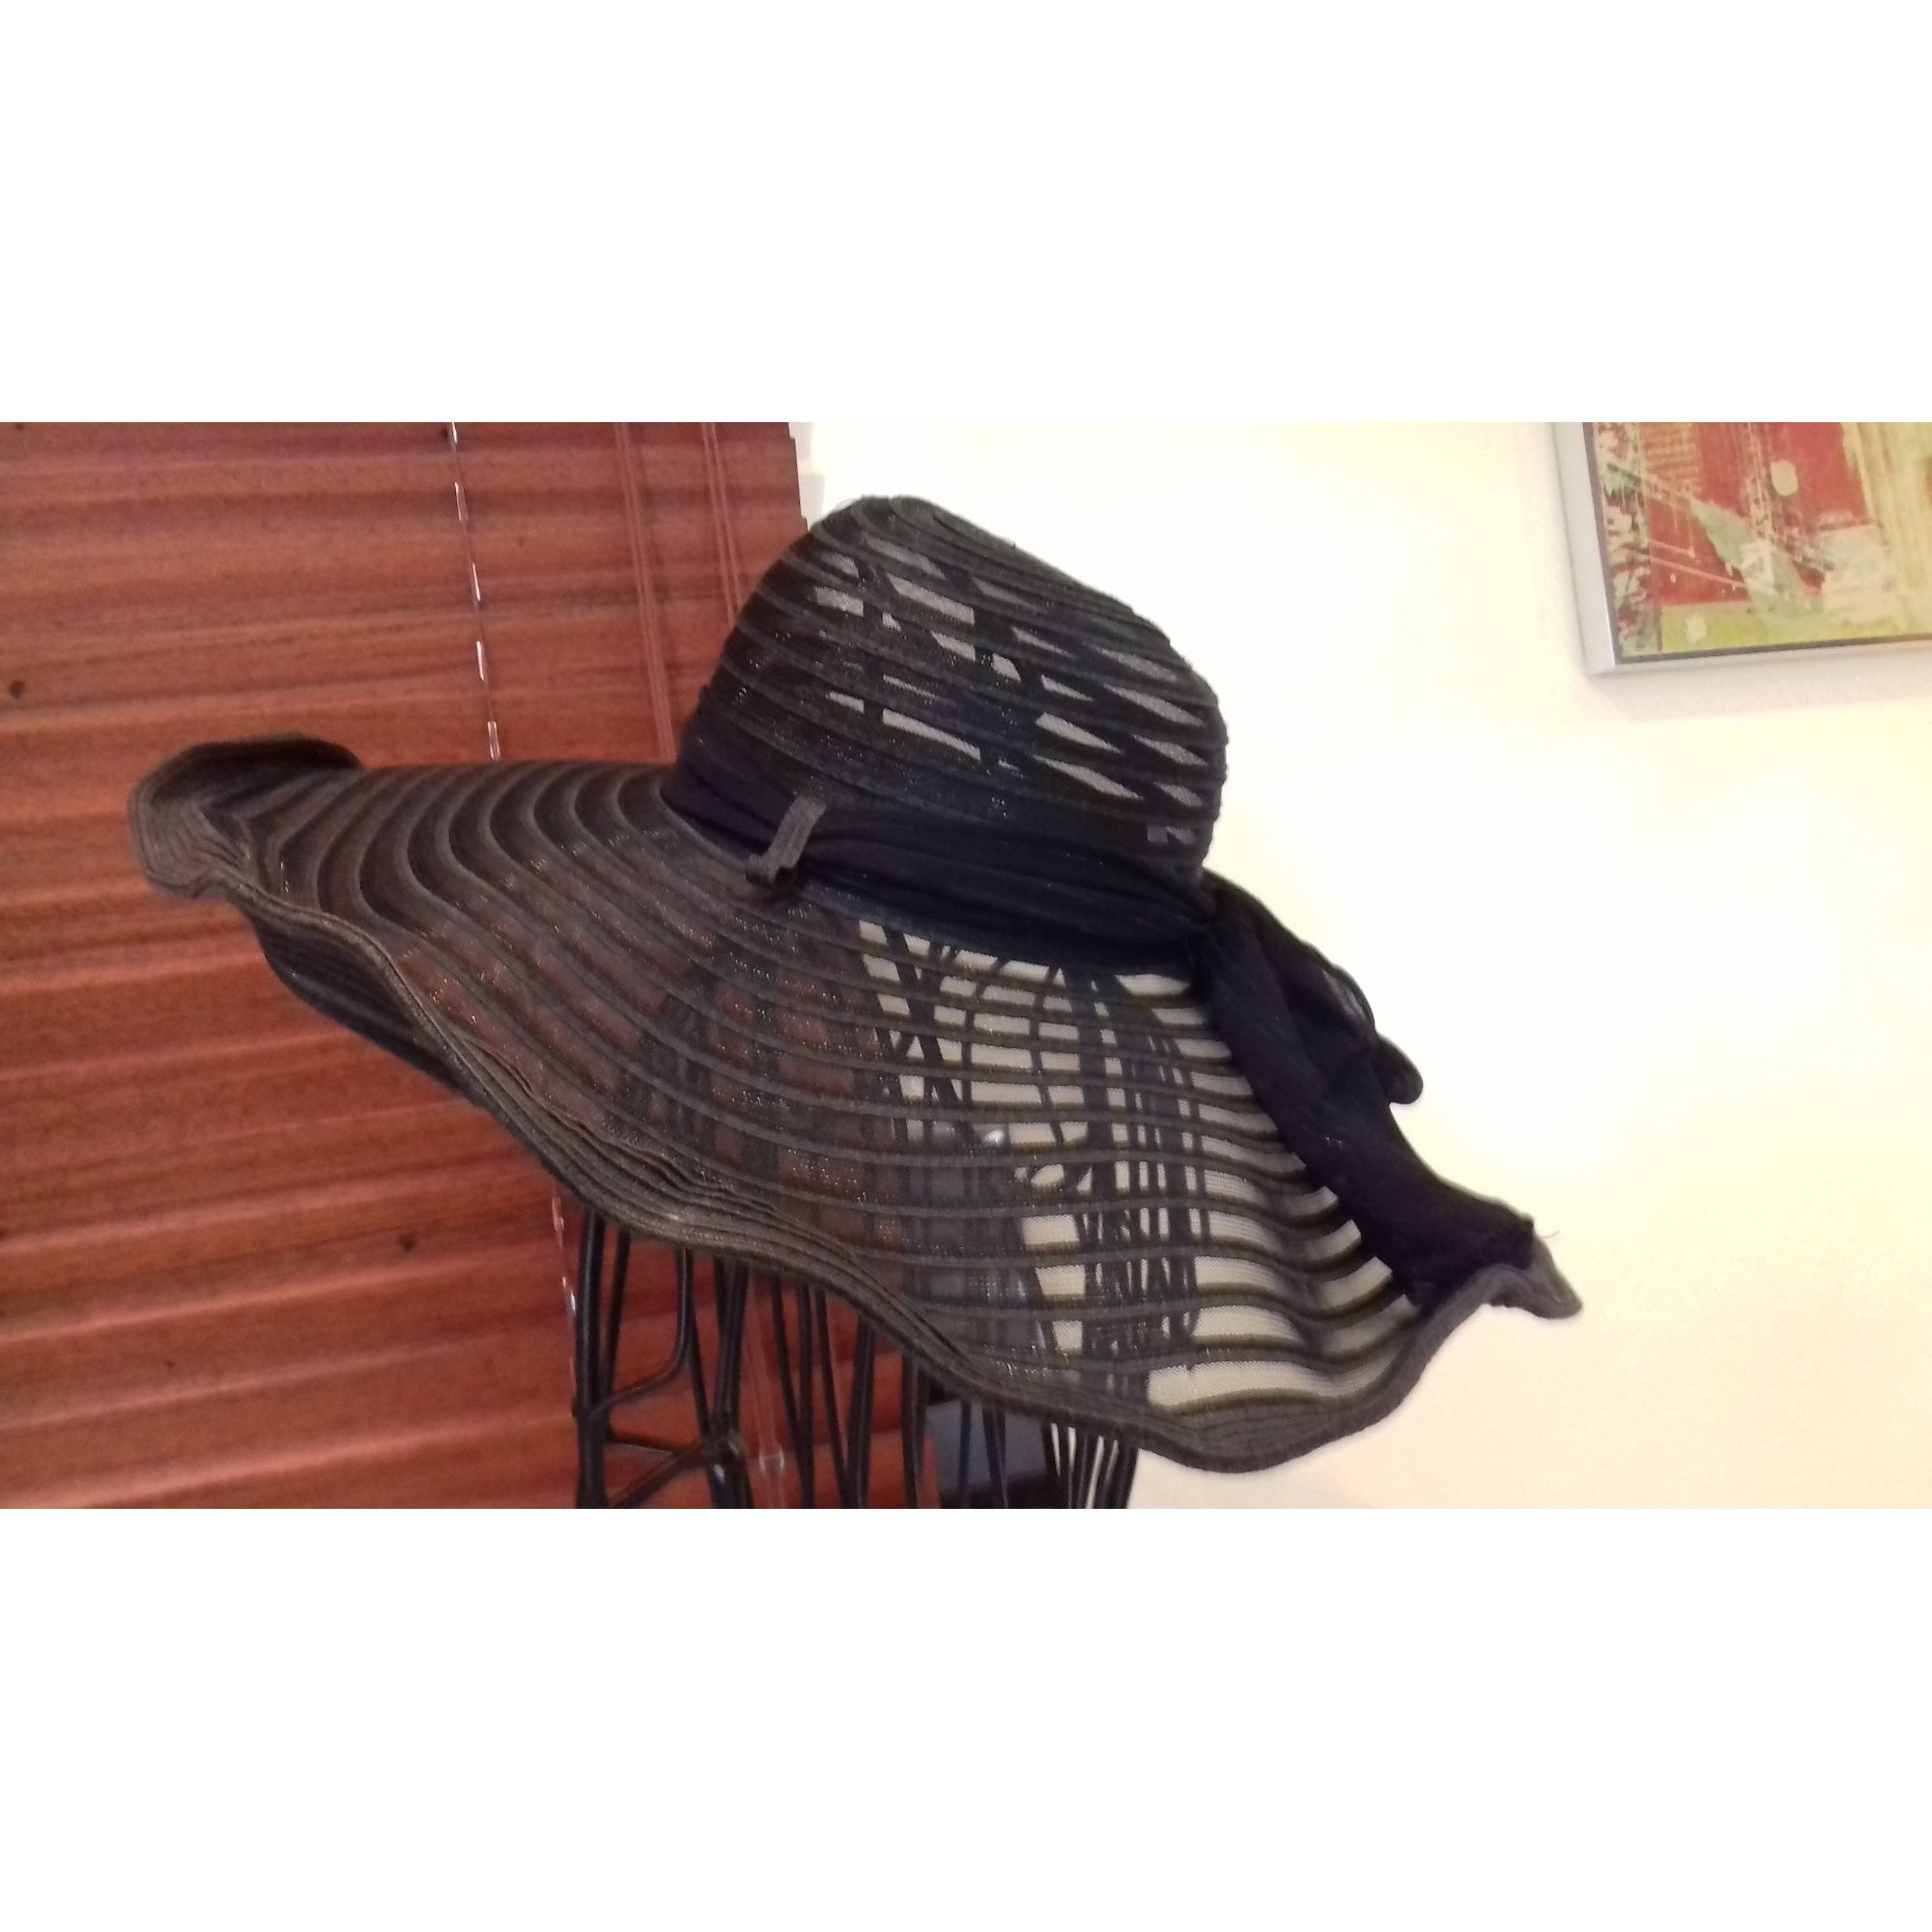 Chapeau H gris anthracite allant sur le noir